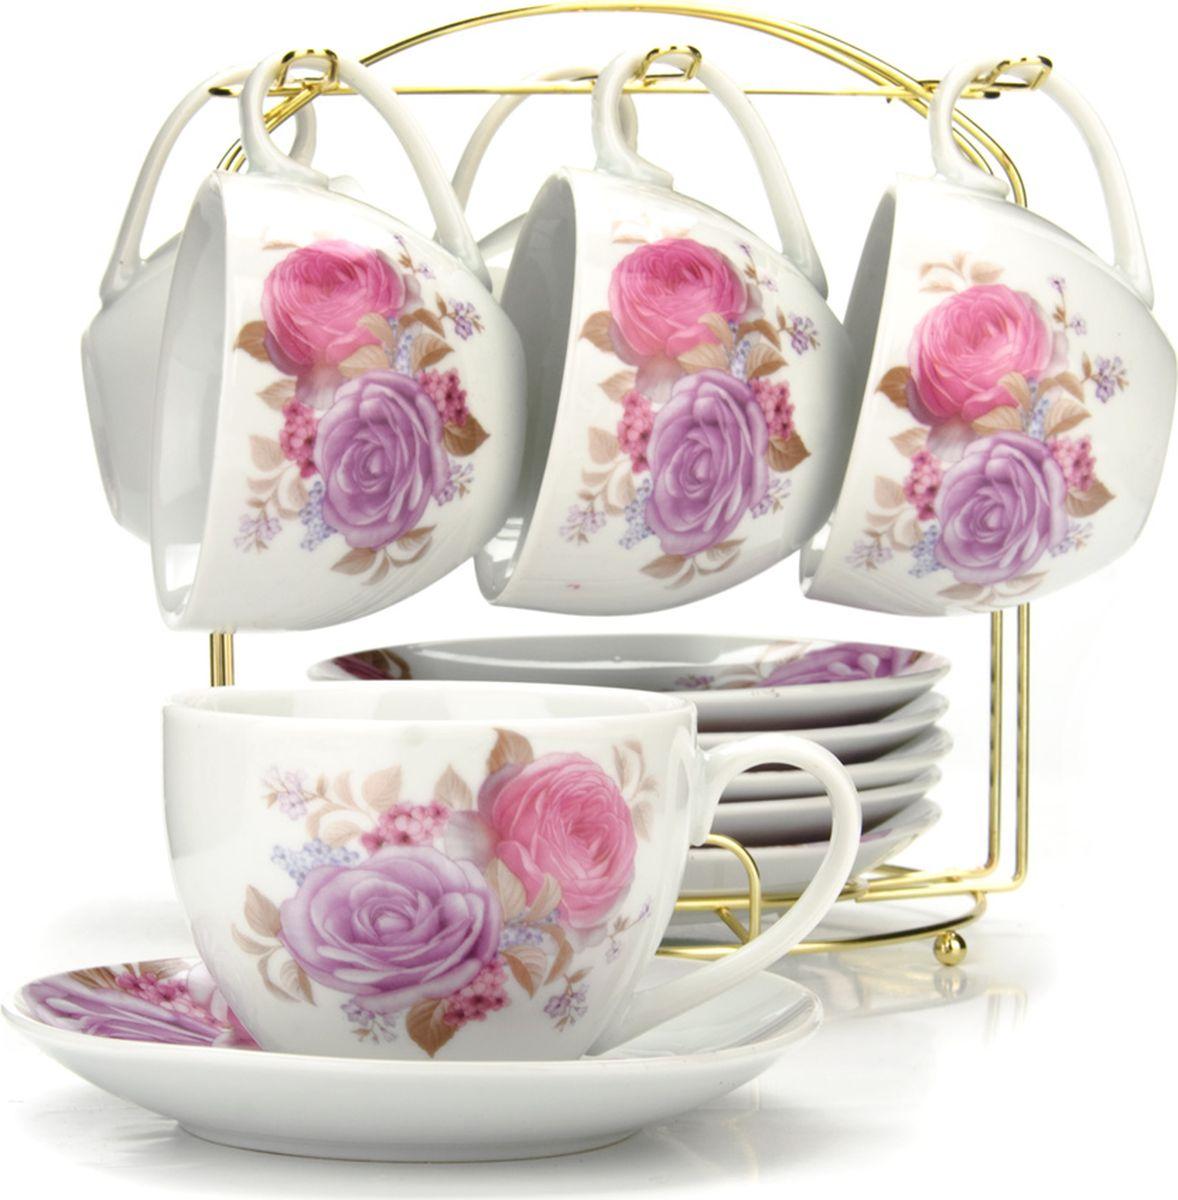 Сервиз чайный Loraine, на подставке, 13 предметов. 43289 сервиз чайный loraine на подставке 13 предметов 43294